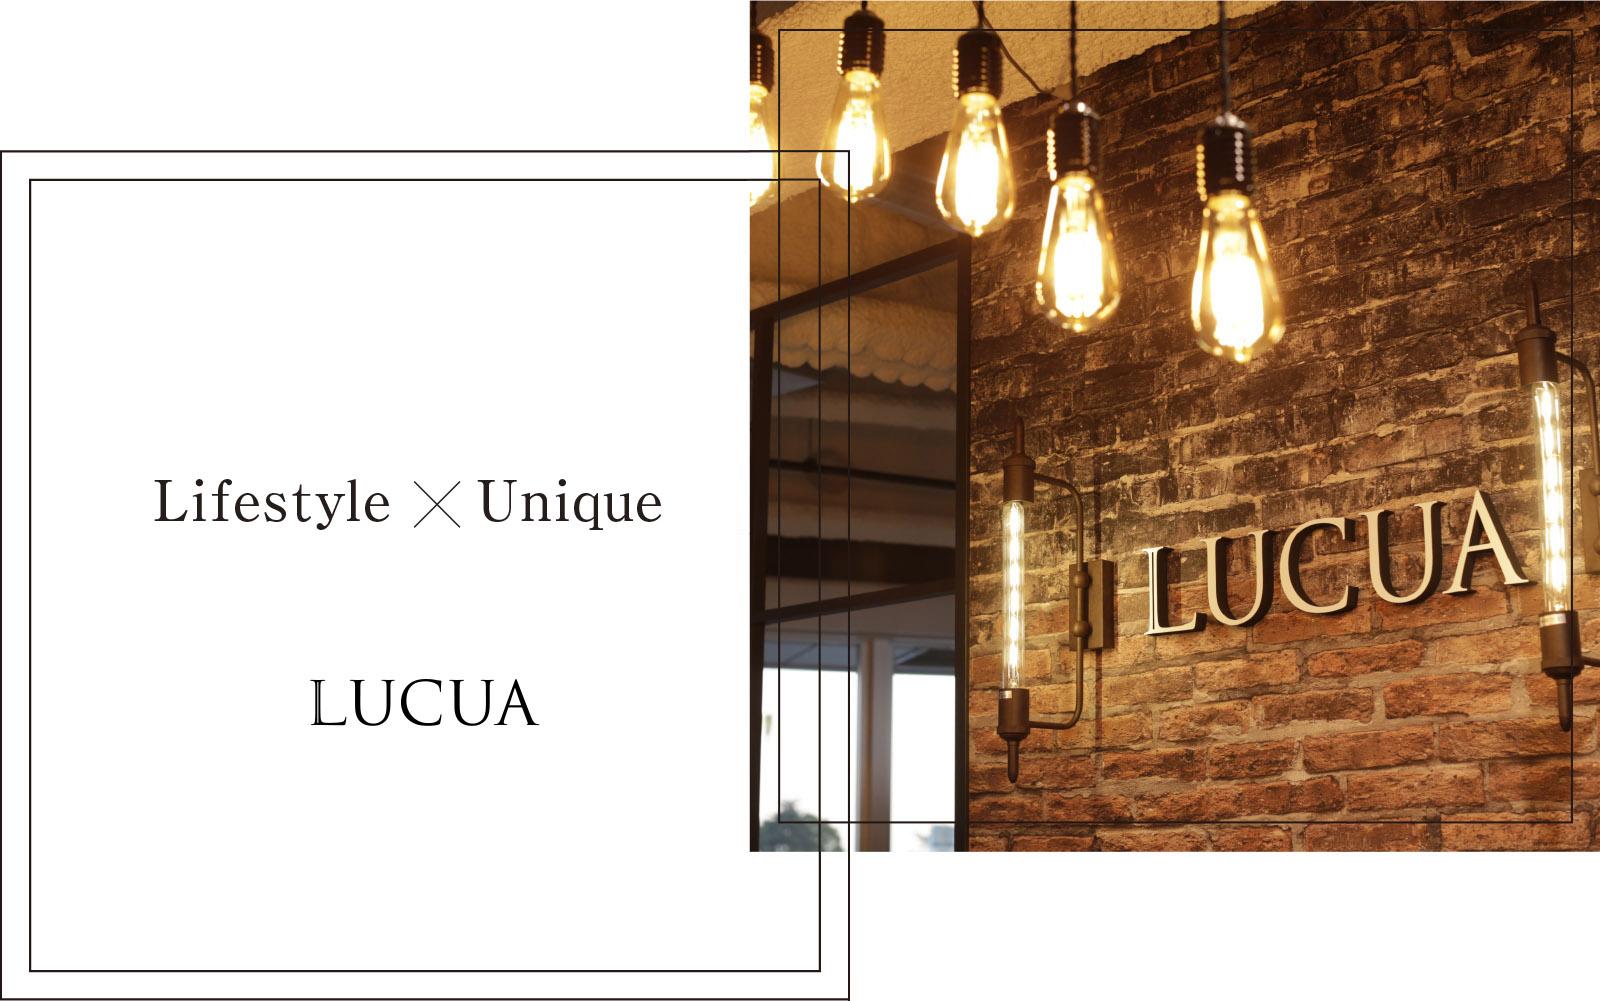 恵比寿 美容室 LUCUA